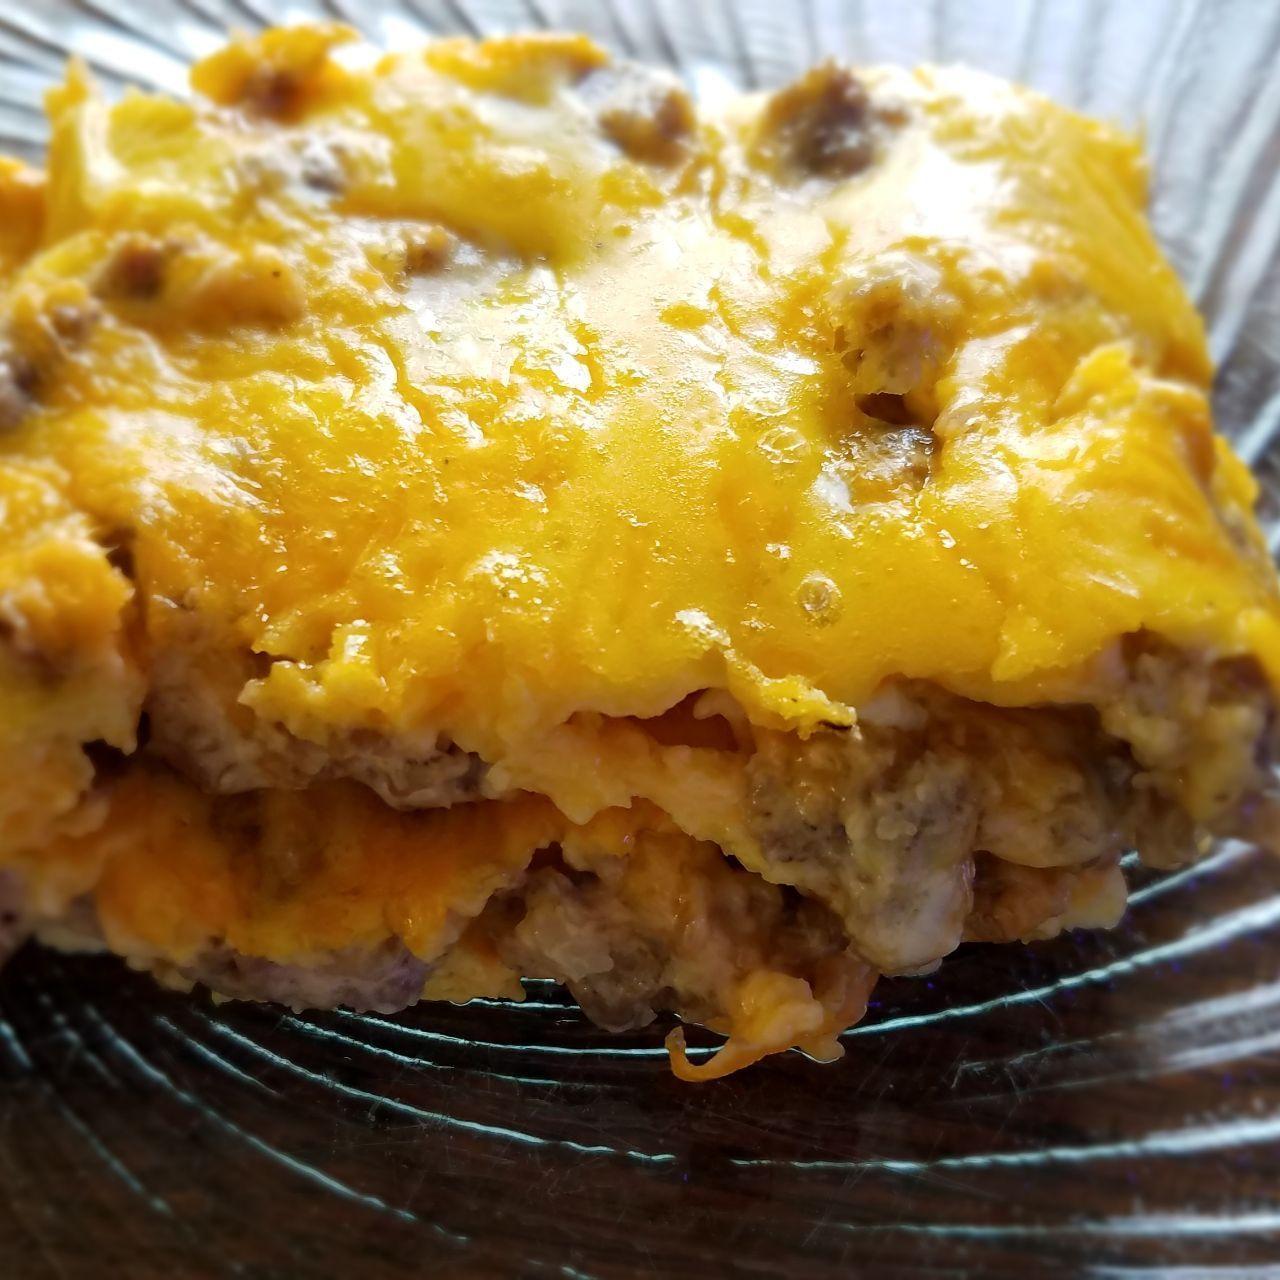 Keto Sausage And Cream Cheese Breakfast Casserole Recipe